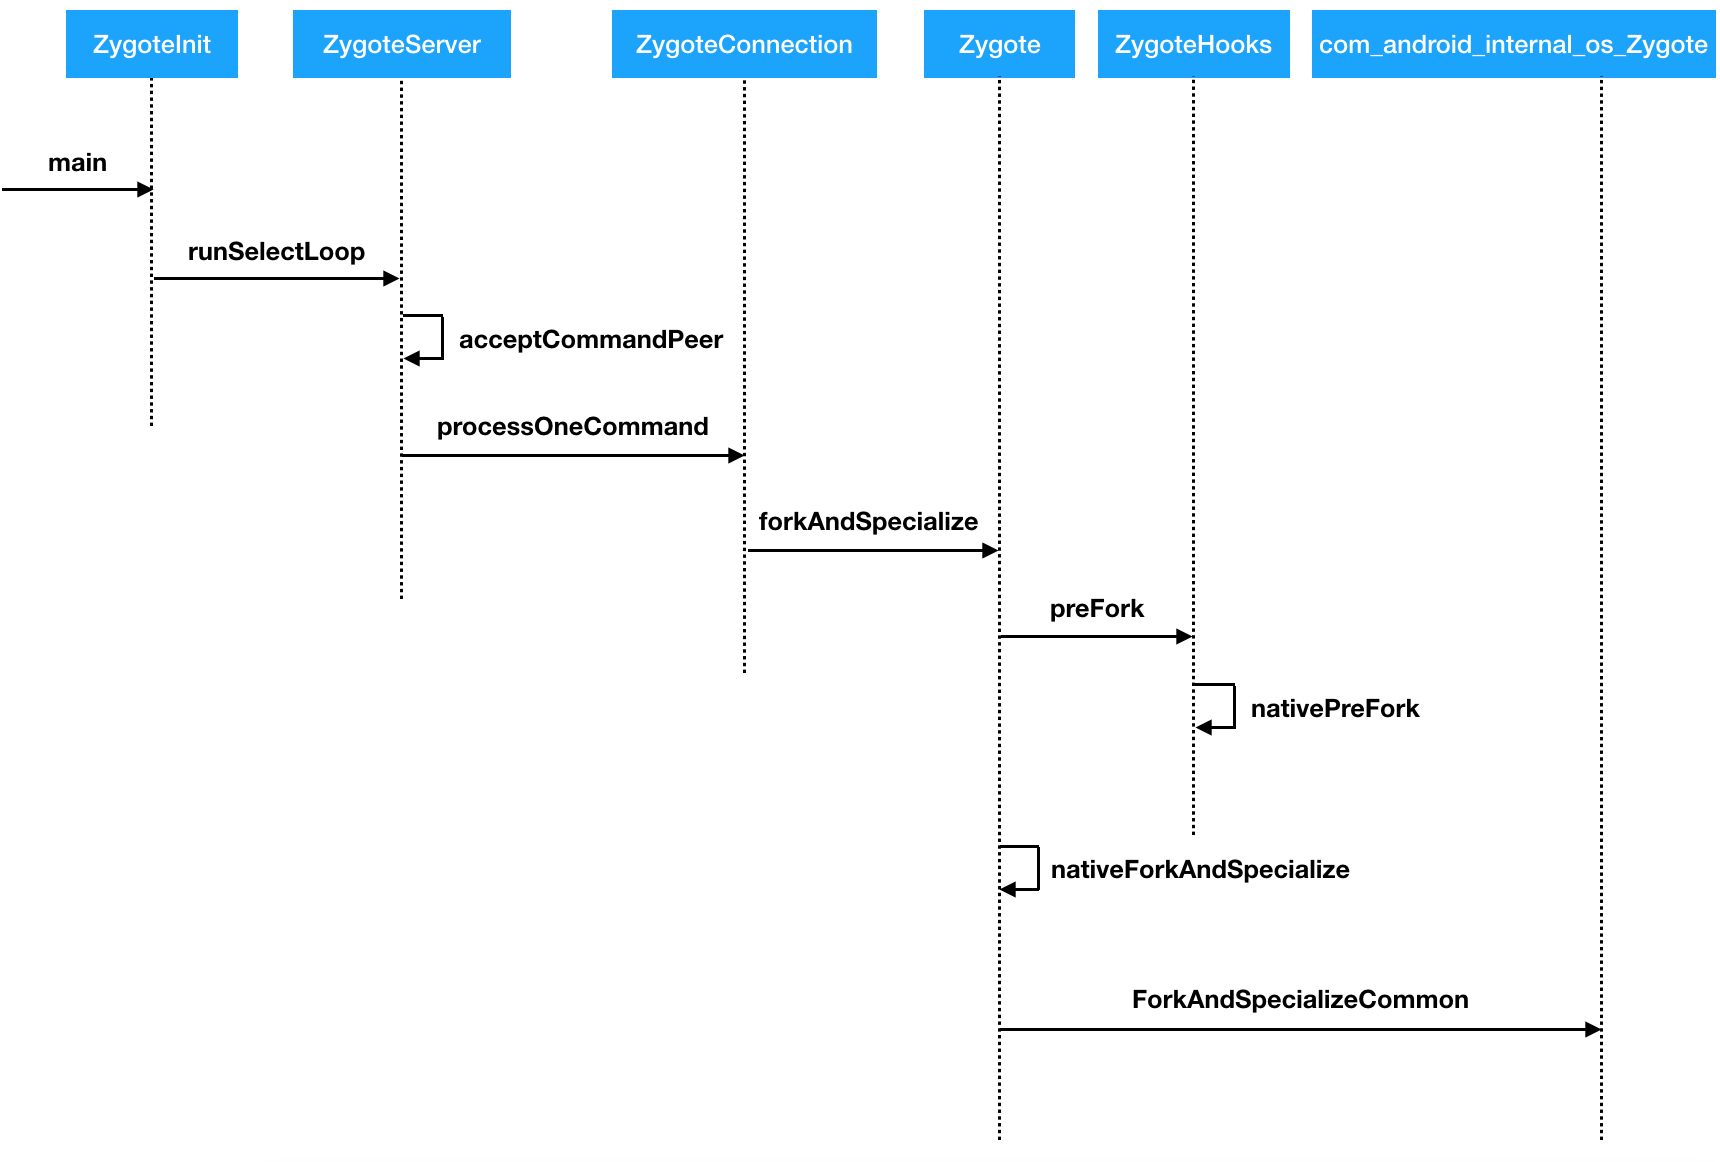 函数调用关系流程图.png